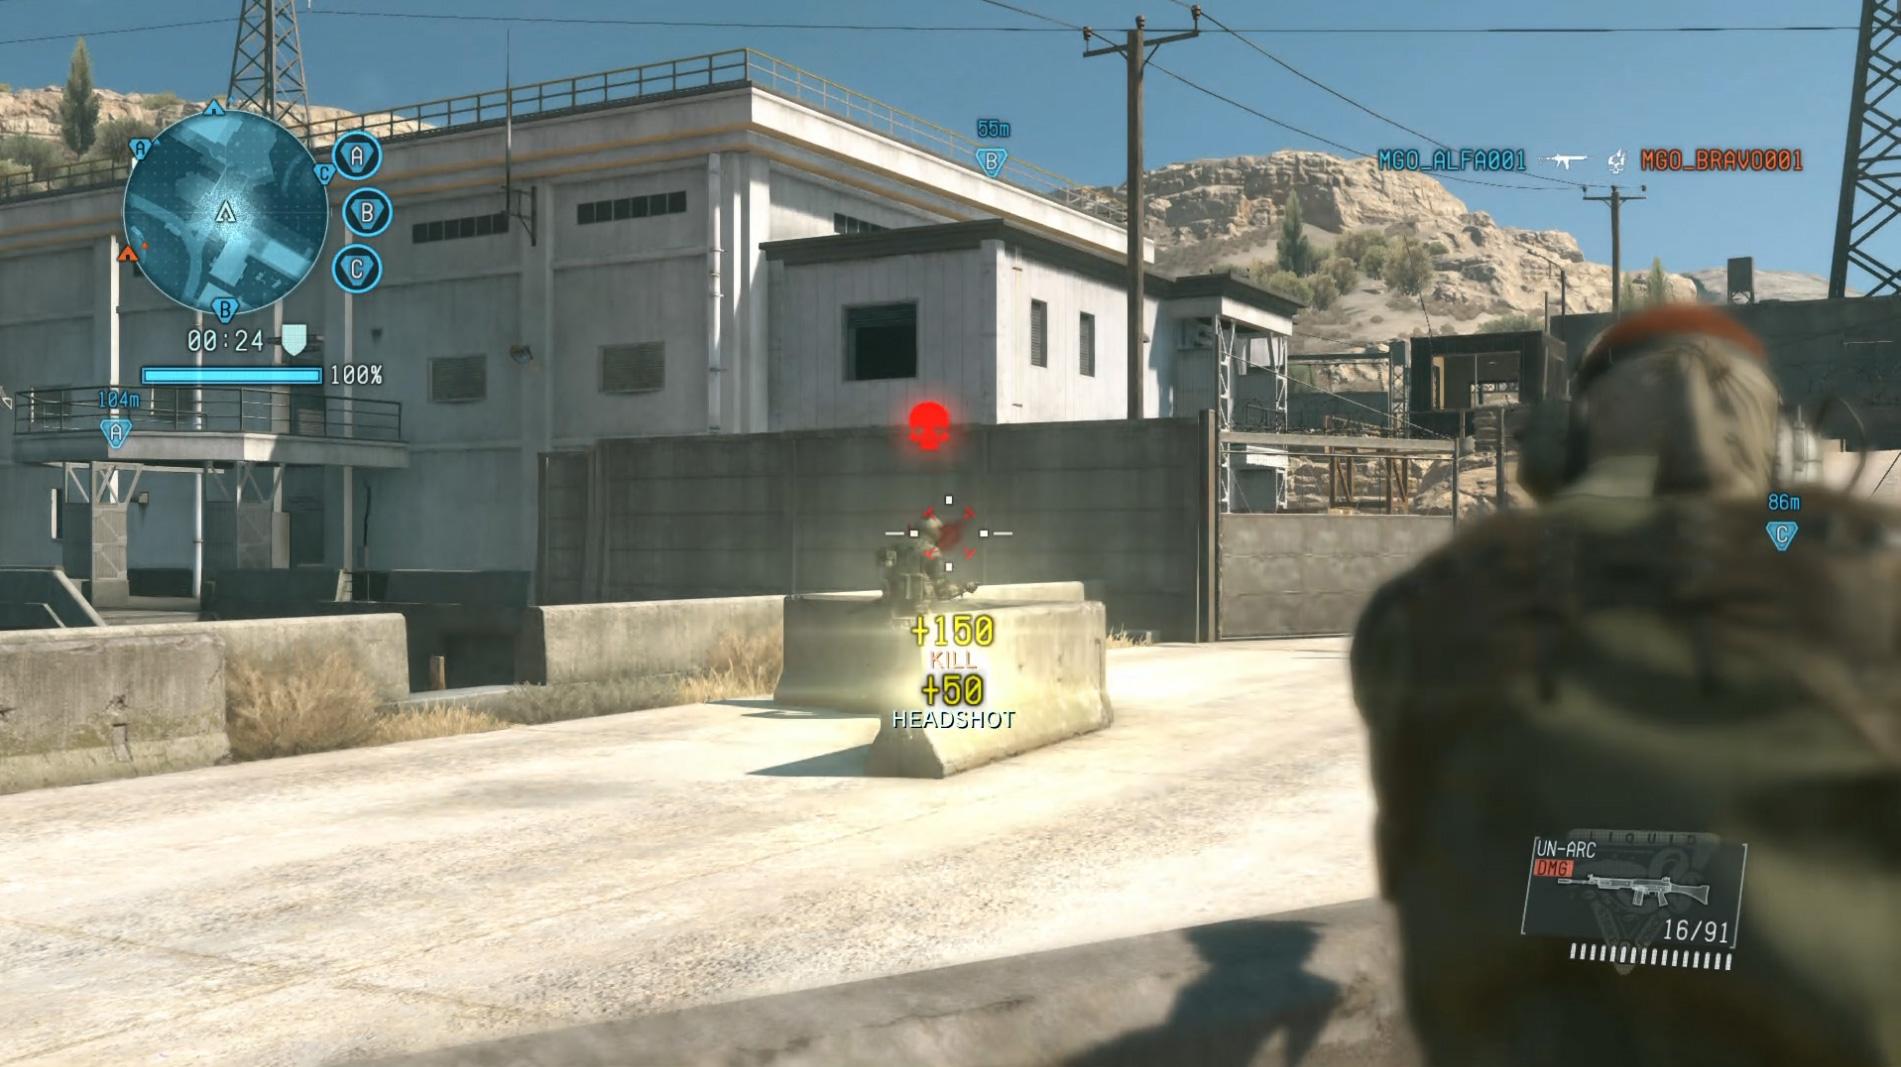 Metal-Gear-Online-Headshot